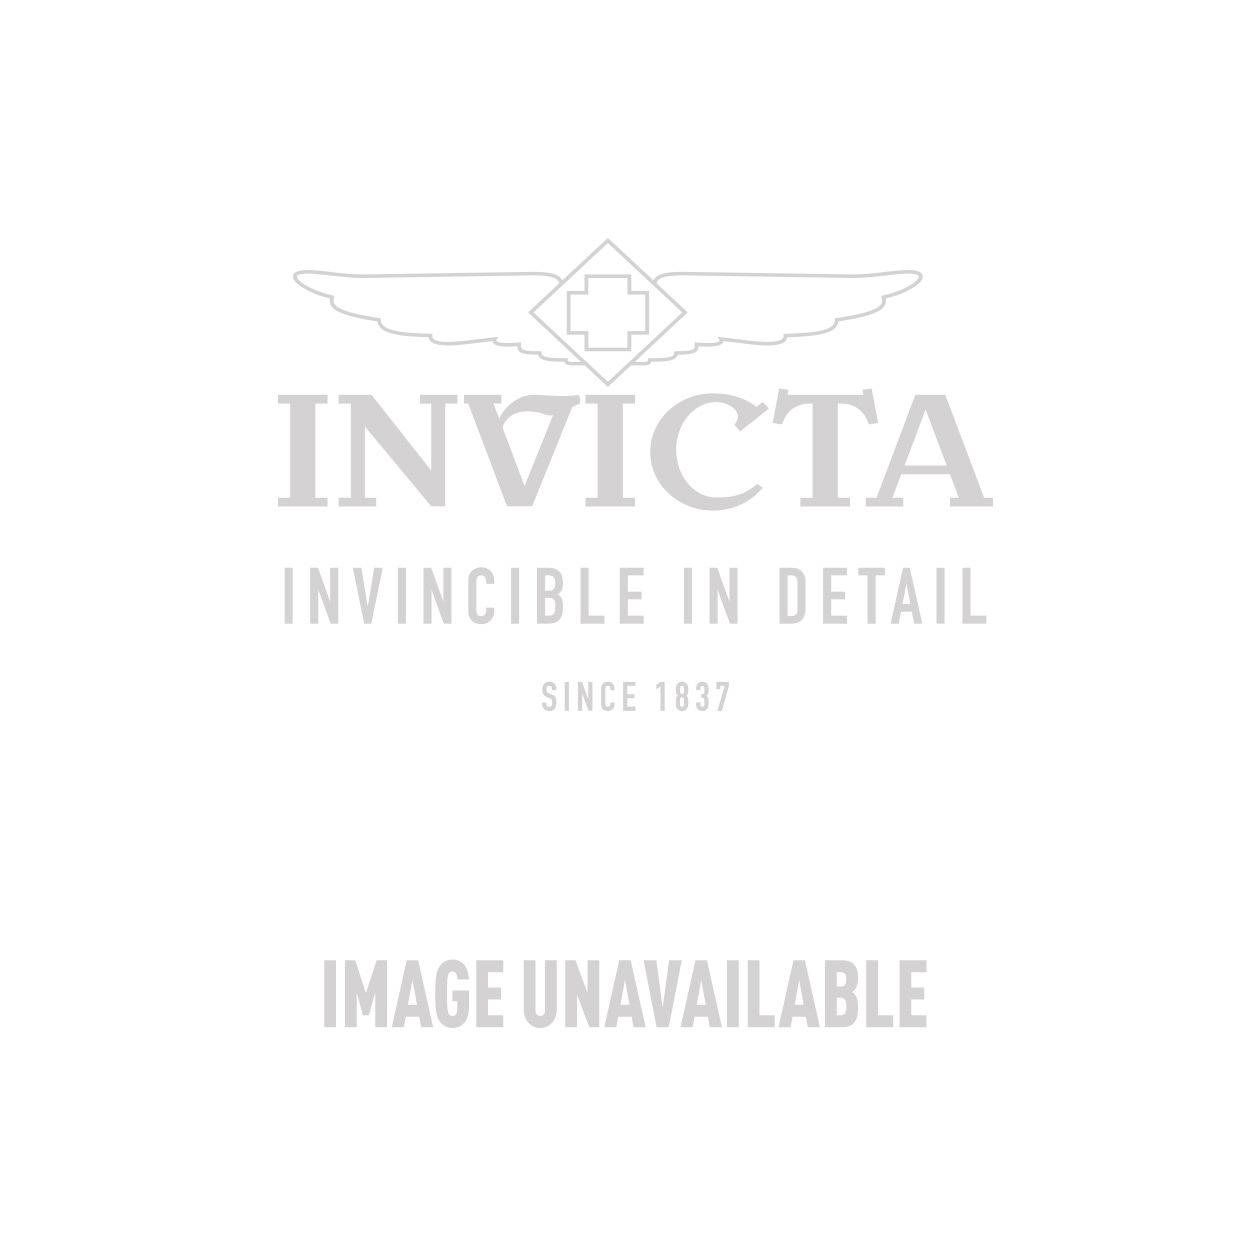 Invicta Model 28118